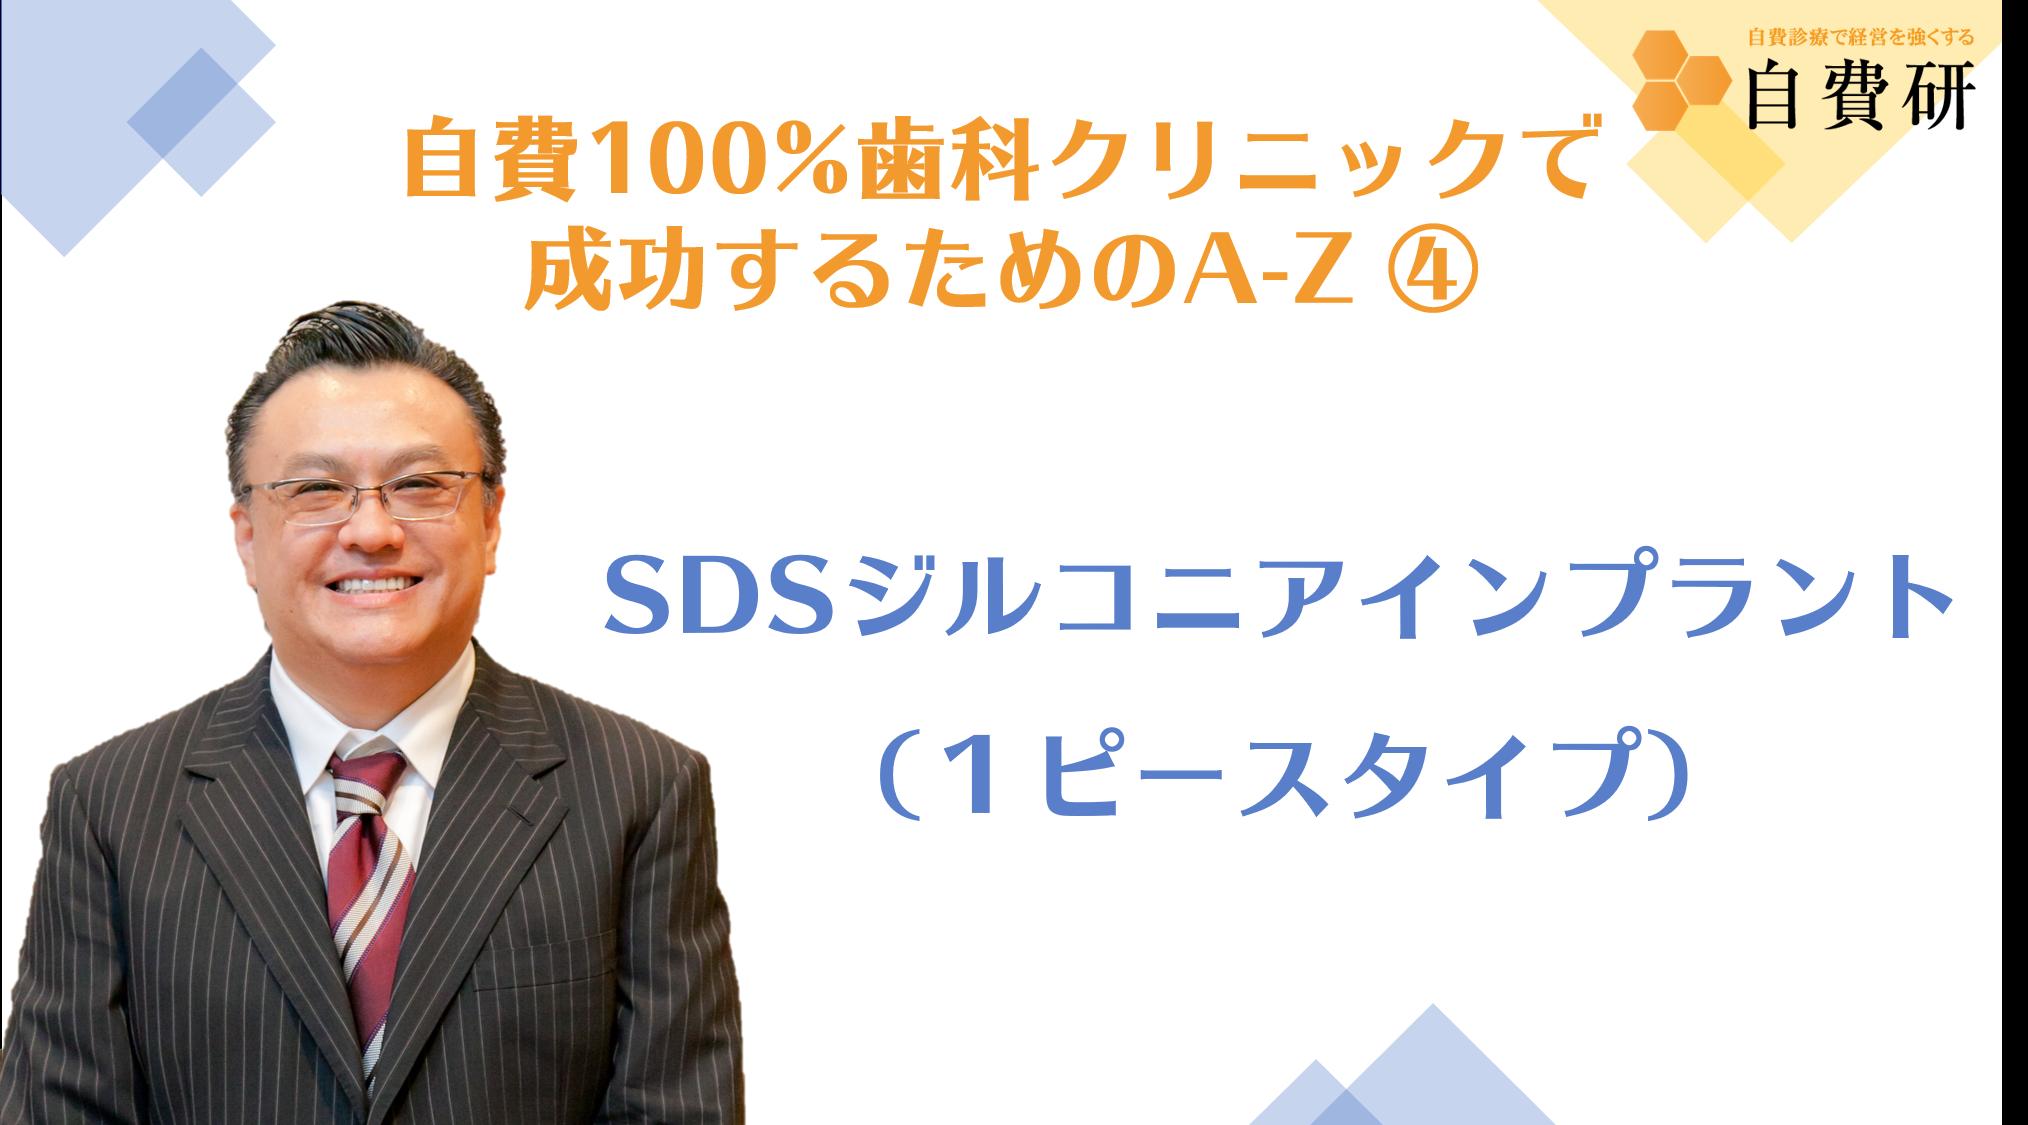 『自費100%歯科クリニックで成功するためのA-Z』④SDSジルコニアインプラント(1ピースタイプ)